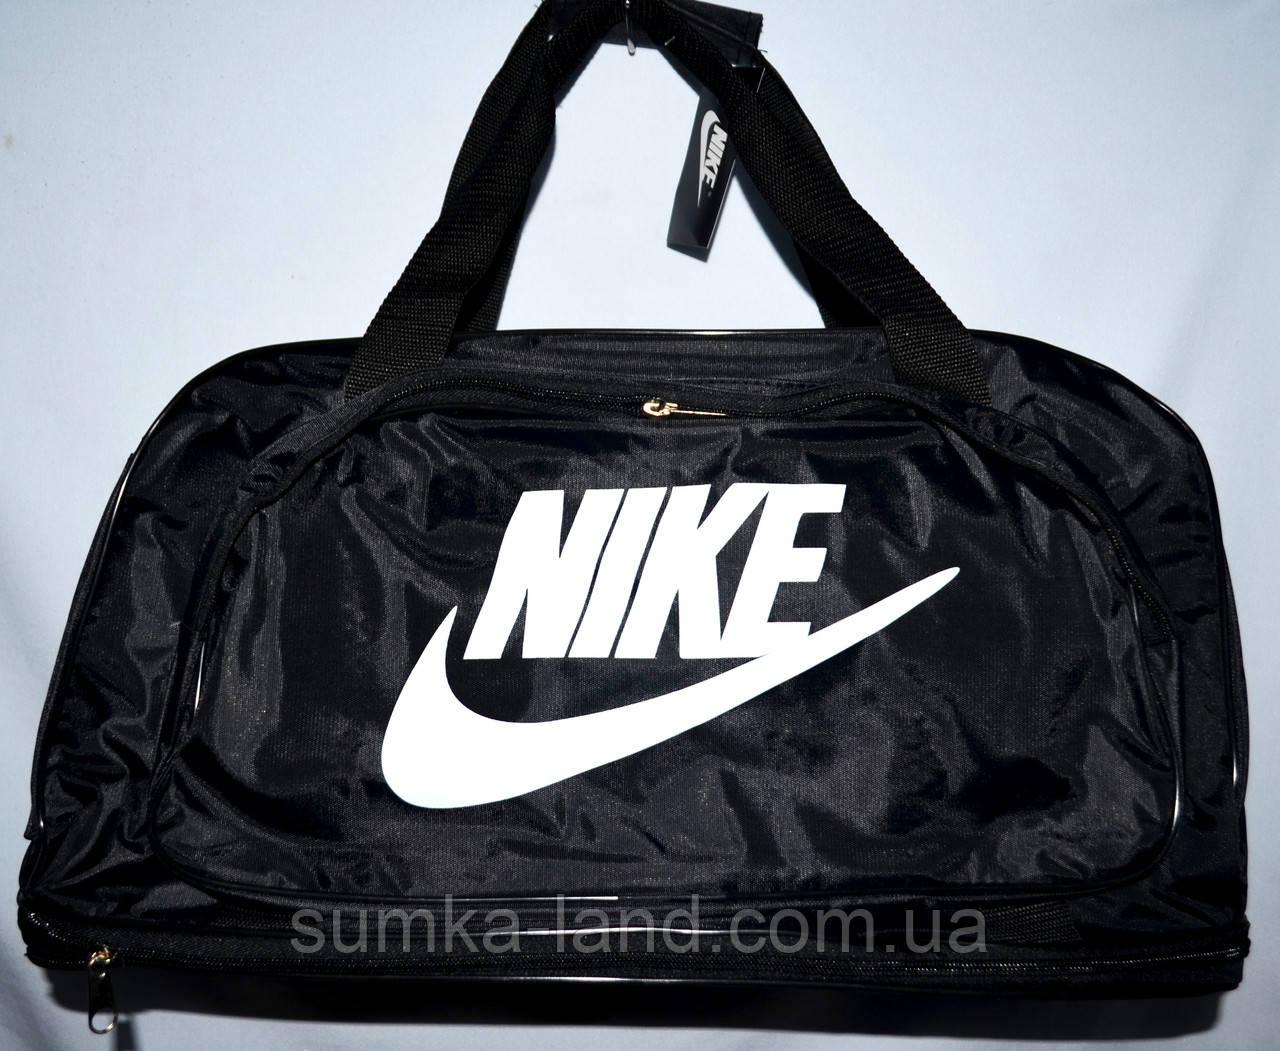 Большая черная спортивная дорожная сумка Найк ХХL с расширением Трансформер 60*30 (60*44) см